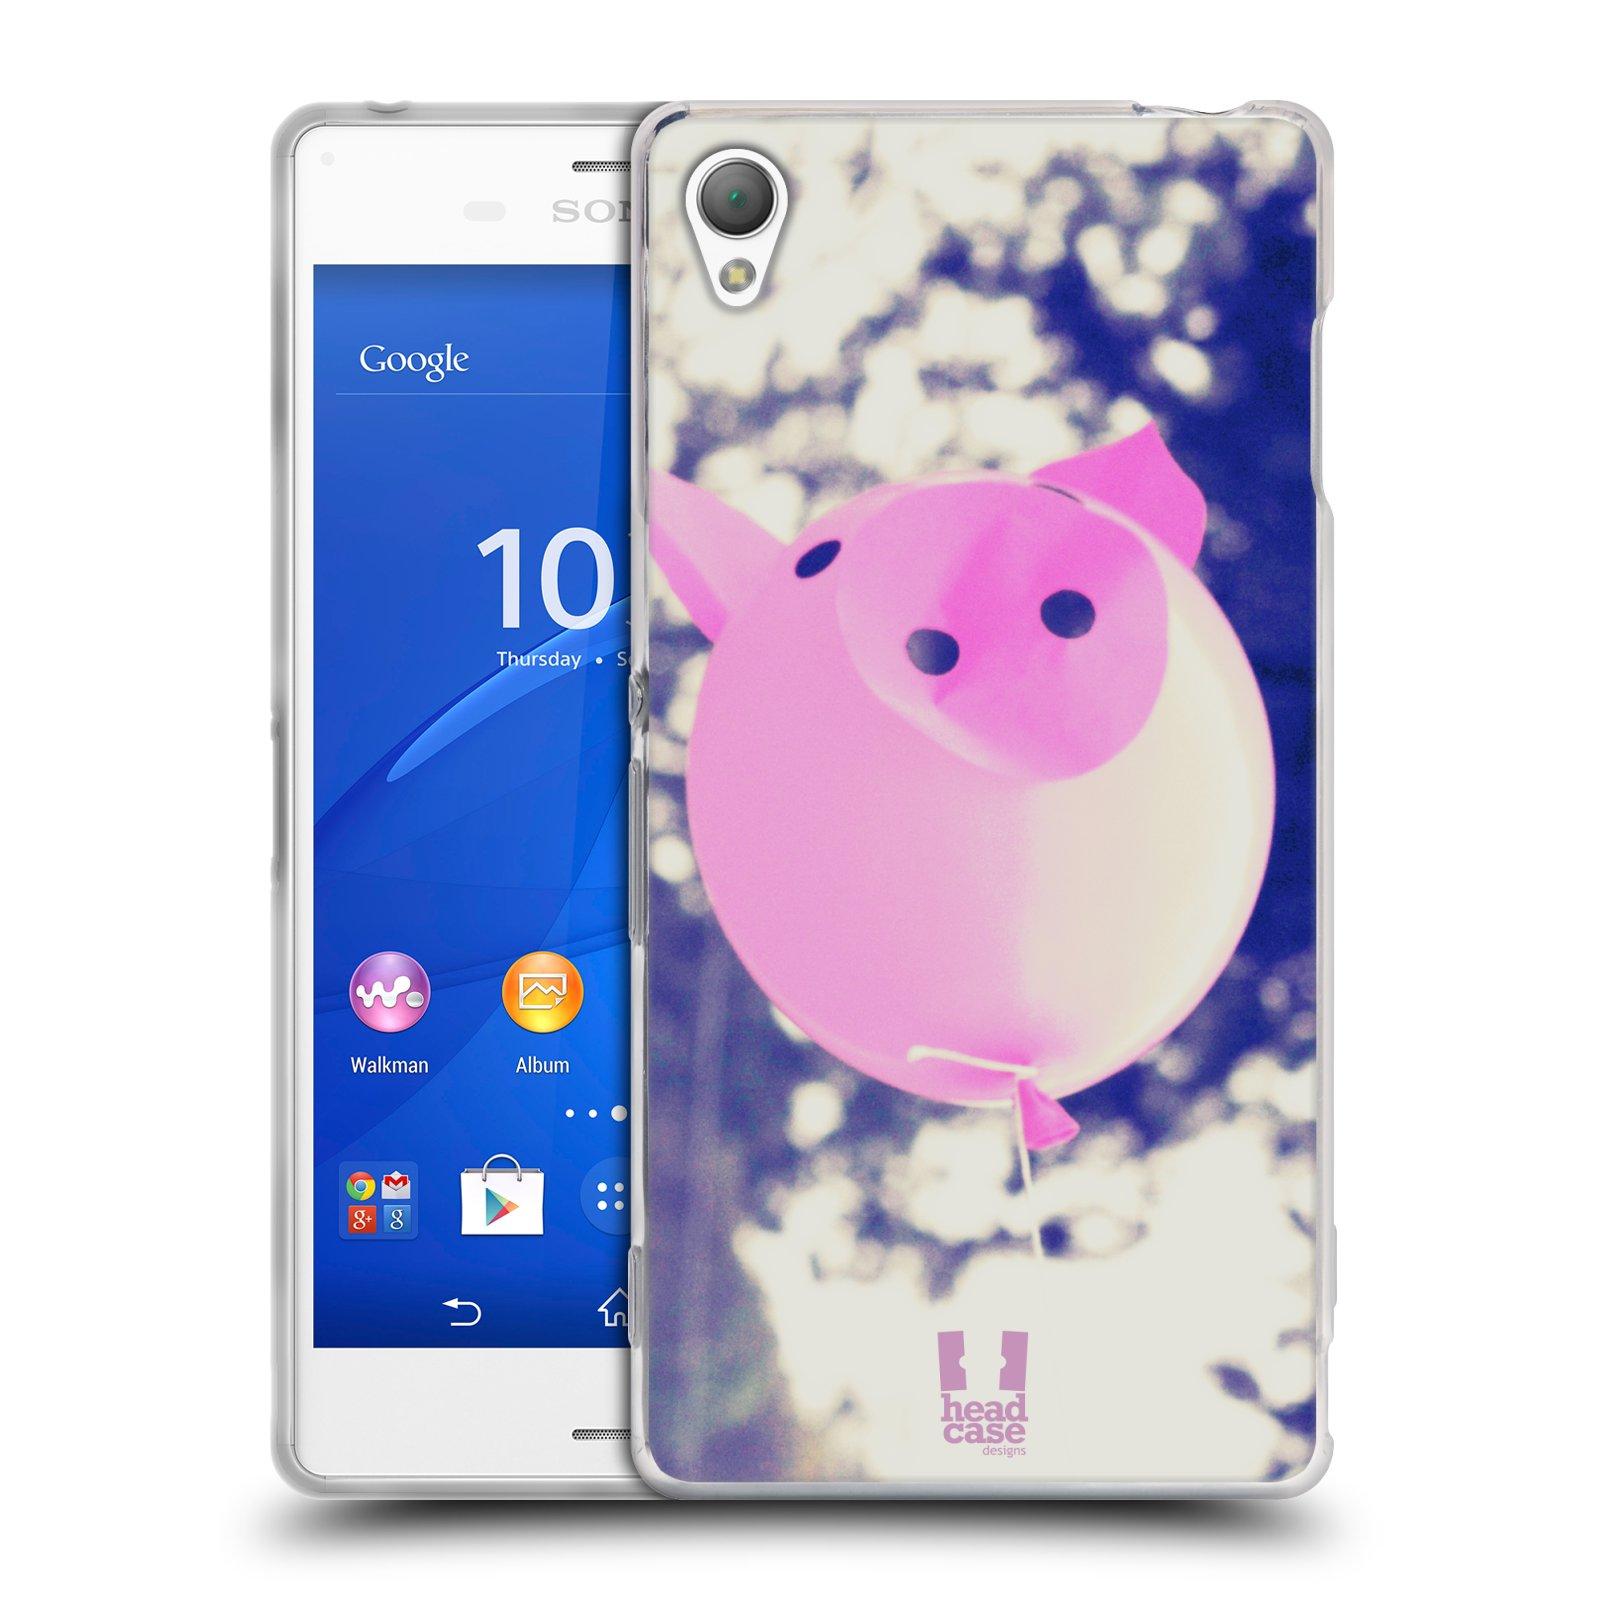 Silikonové pouzdro na mobil Sony Xperia Z3 D6603 HEAD CASE BALON PAŠÍK